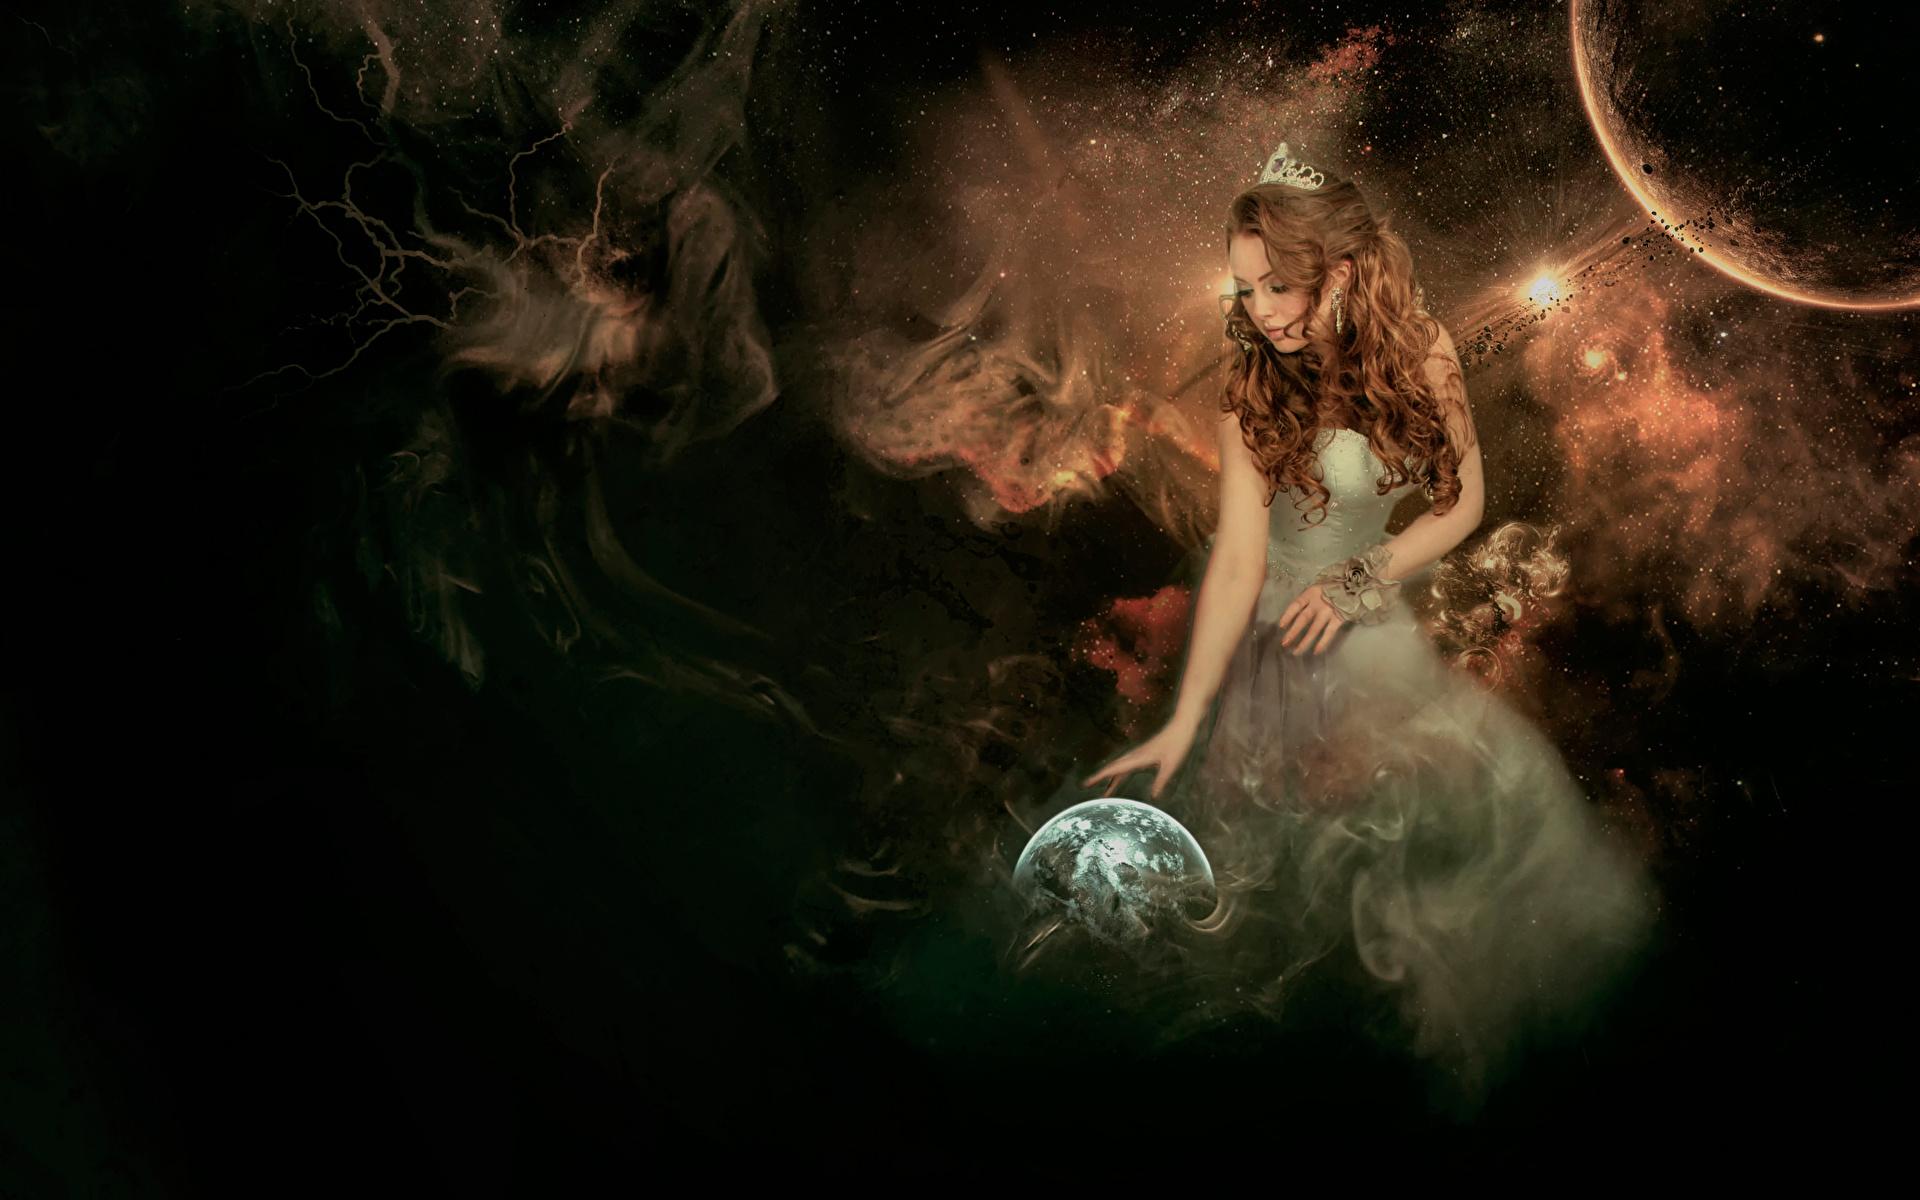 Картинка Земля планета шатенки Космос Фэнтези молодые женщины 1920x1200 земли Планеты Шатенка девушка Девушки Фантастика молодая женщина